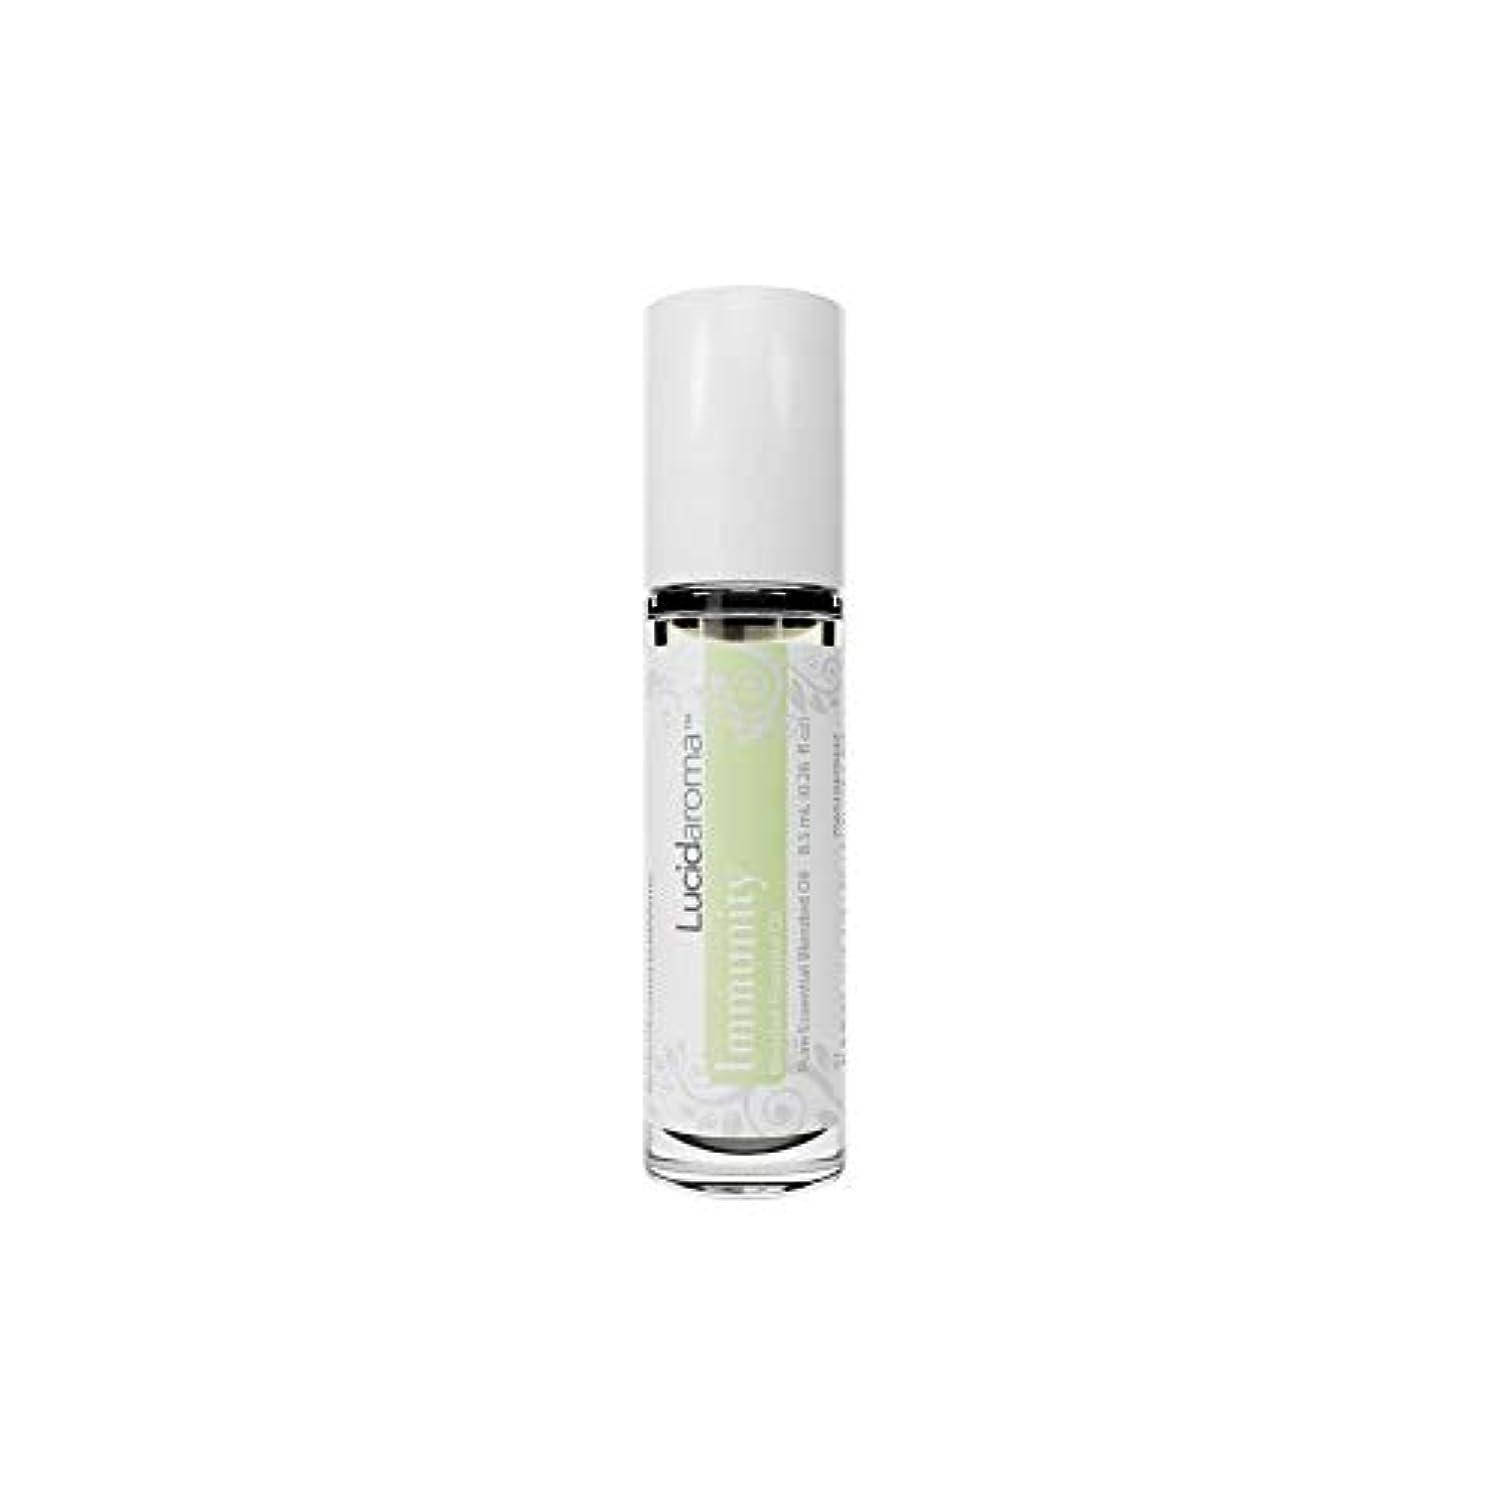 毎月いいね農場Lucid Aroma Immunity イミュニティ ブレンド ロールオン アロマオイル 8.5mL (塗るアロマ) 100%天然 携帯便利 ピュア エッセンシャル アメリカ製